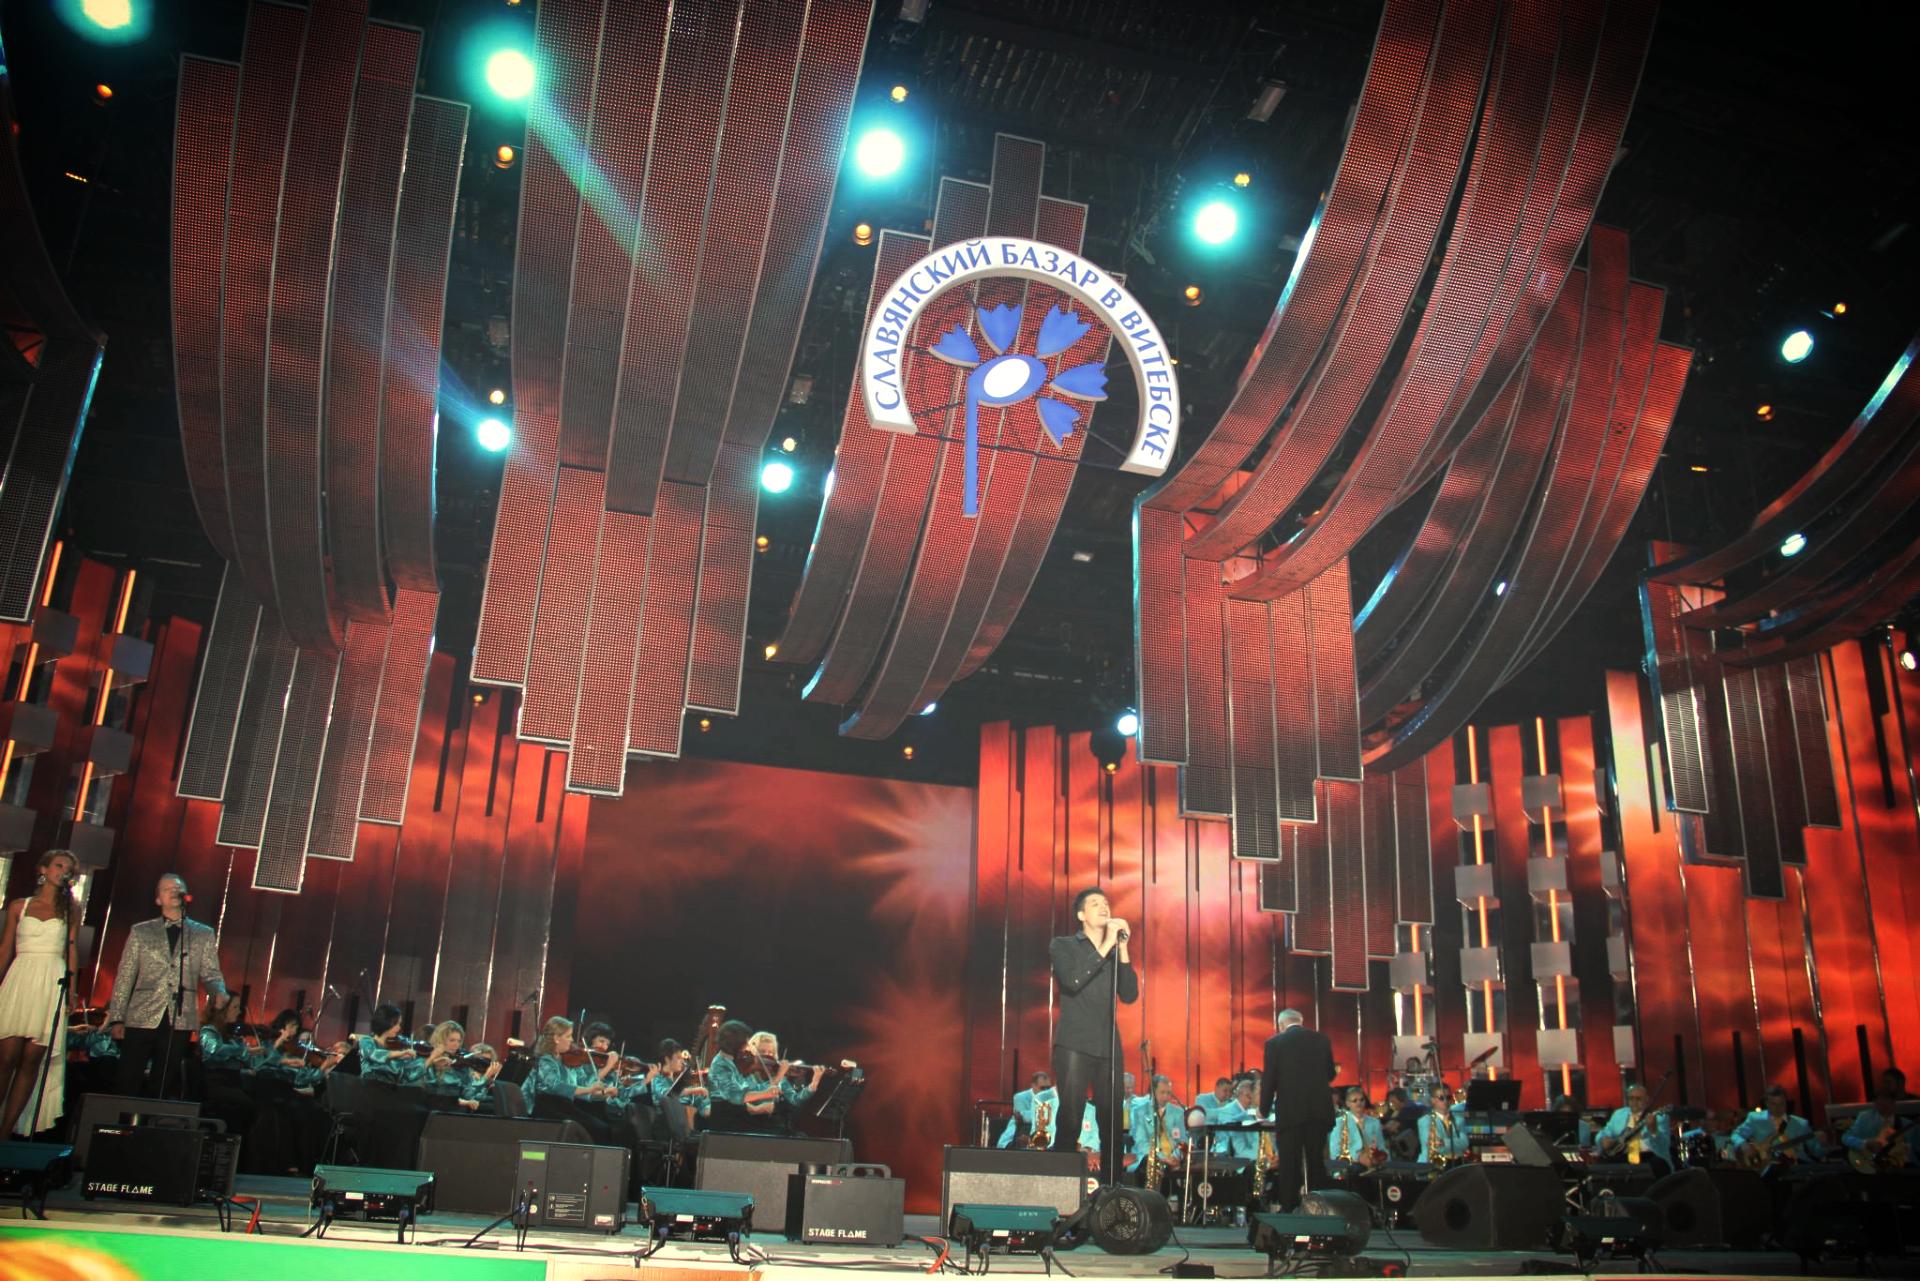 Славянский Базар 2013